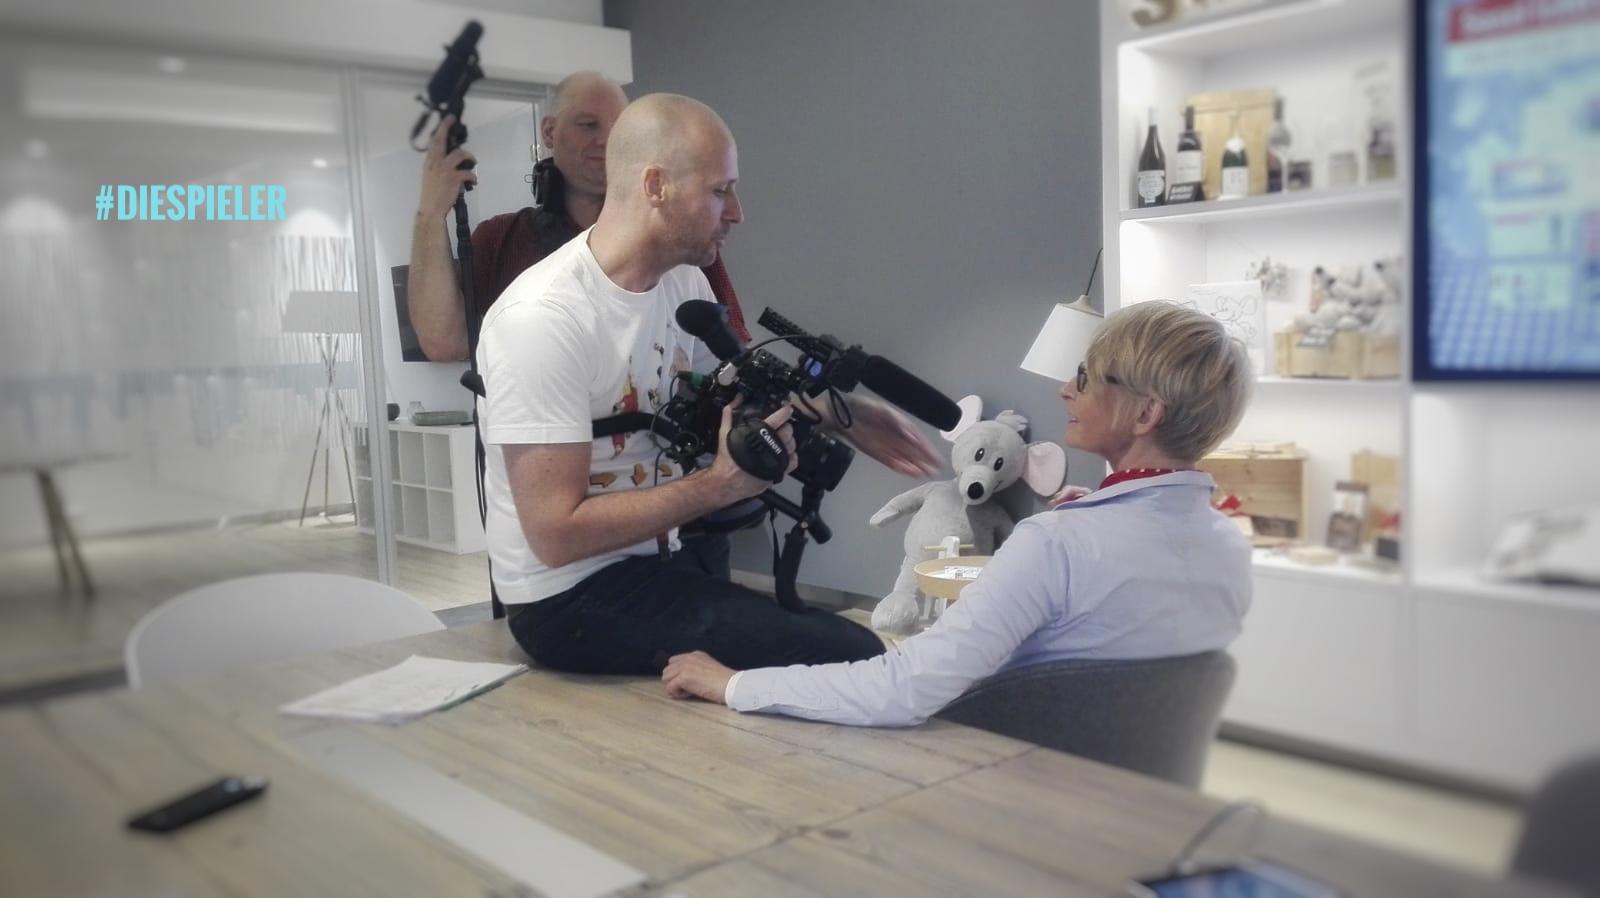 Das Das Rundum-Paket für Ihr Filmprojekt mit den Spielern und Marcus Brodt